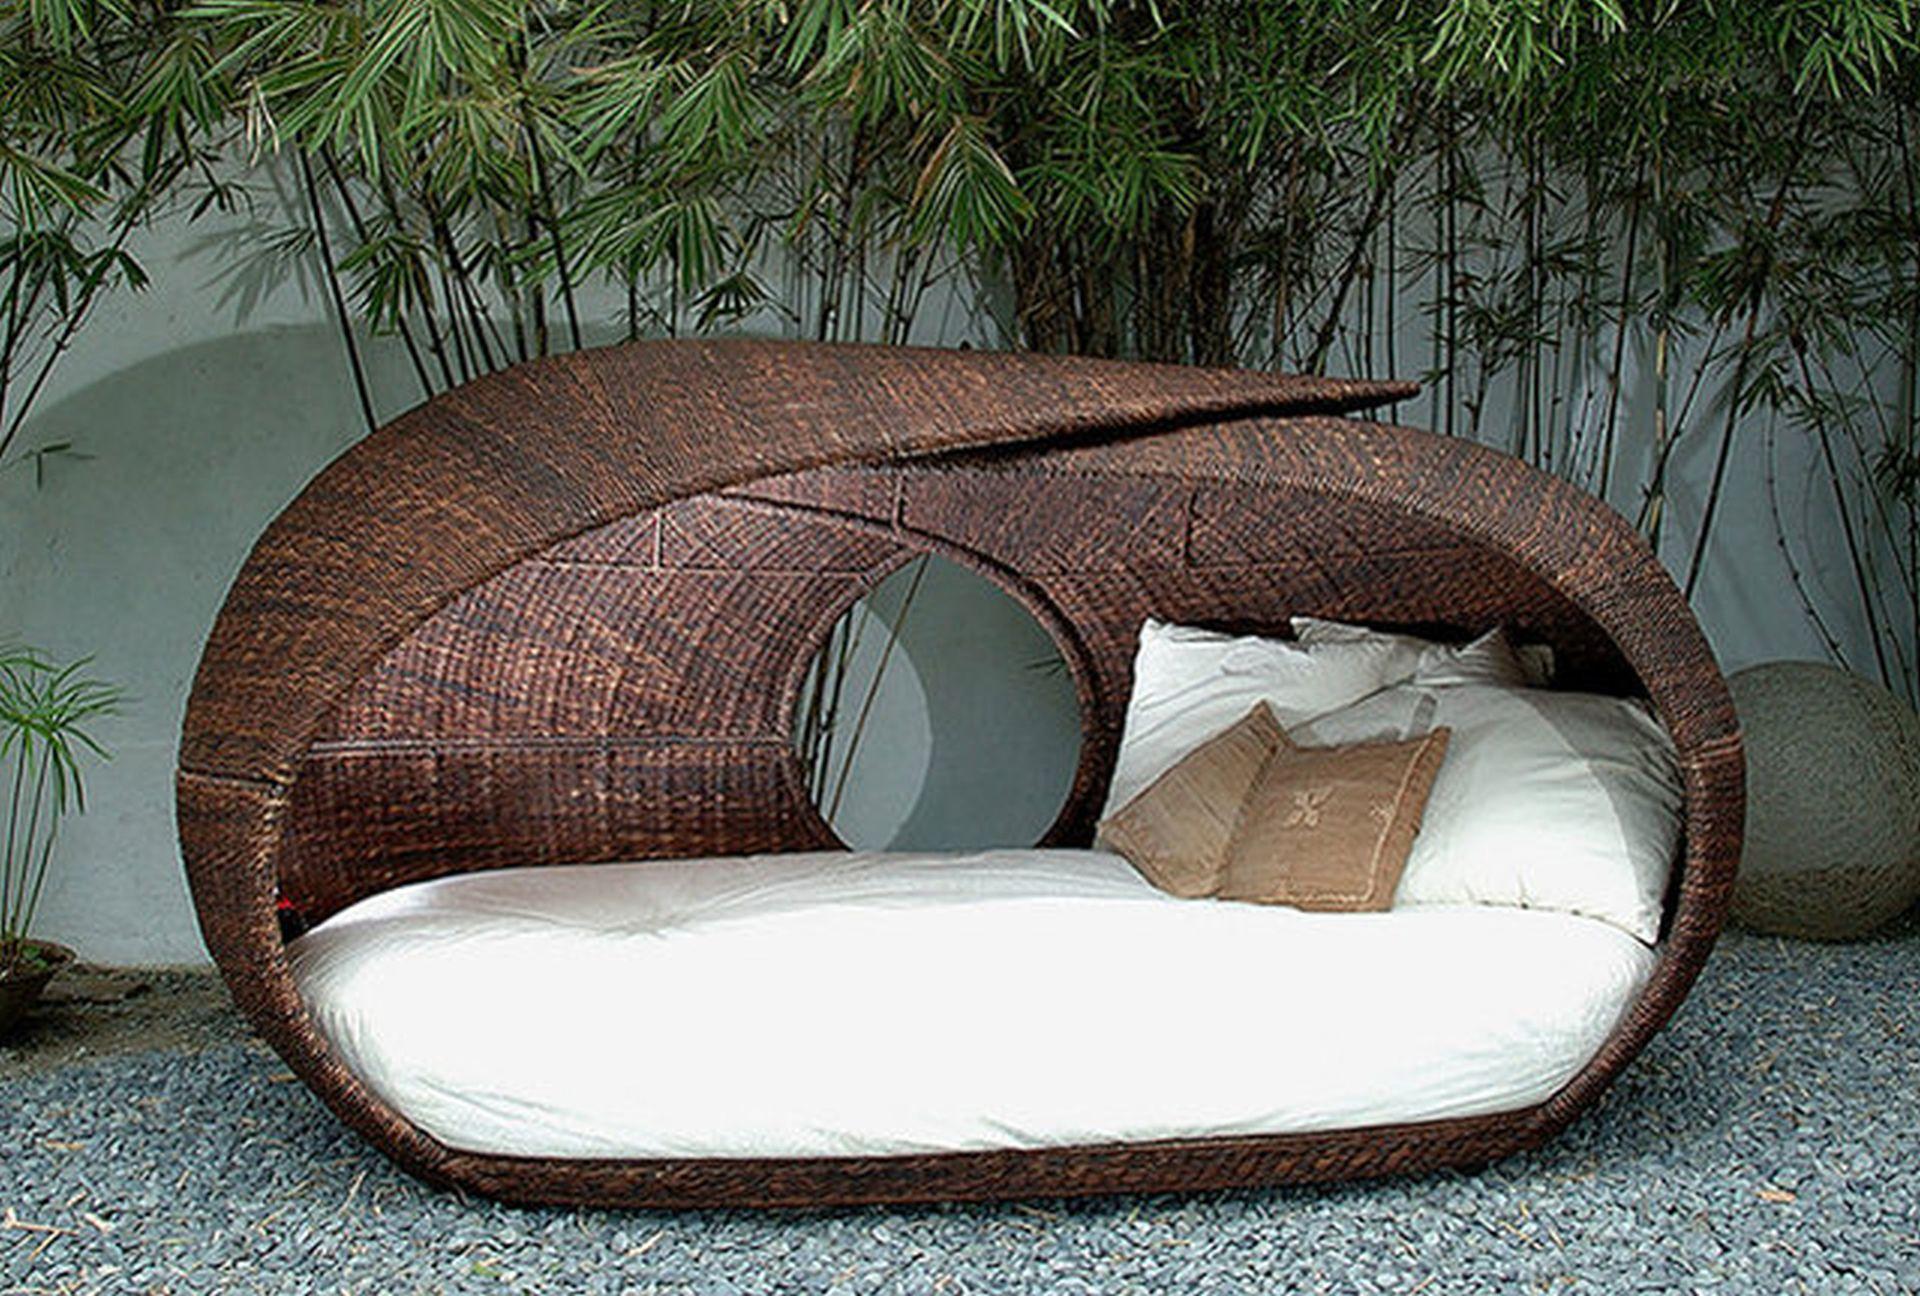 Самая креативная мебель в мире фотографии